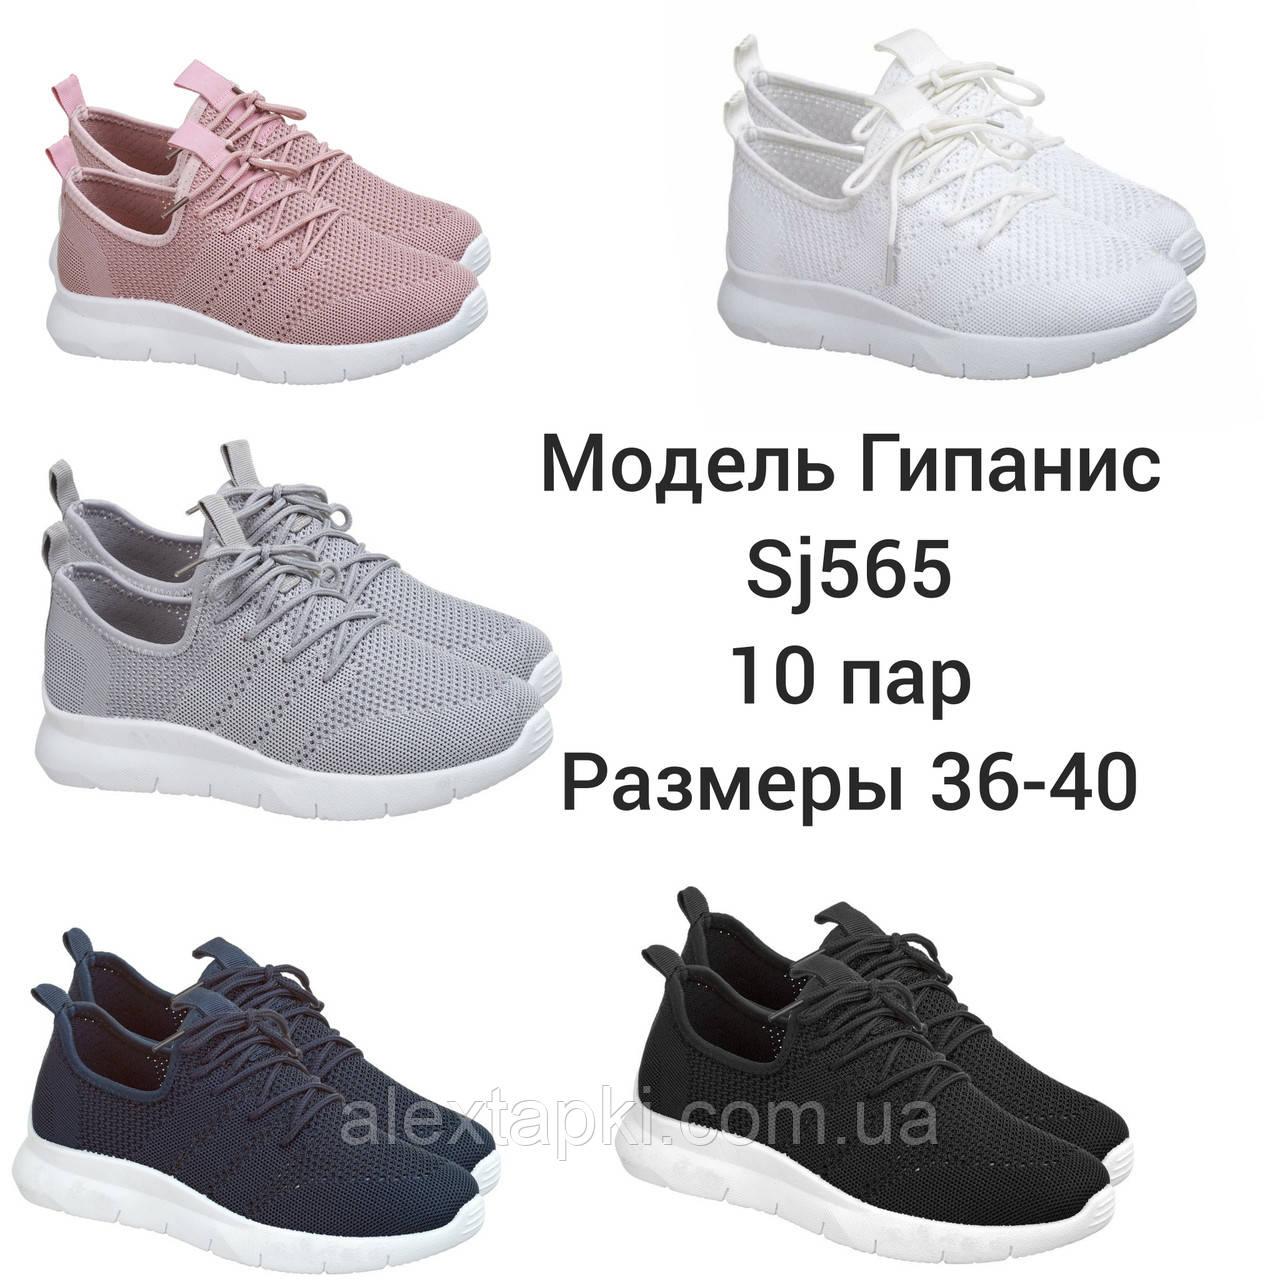 Женские Кроссовки Гипанис SJ565